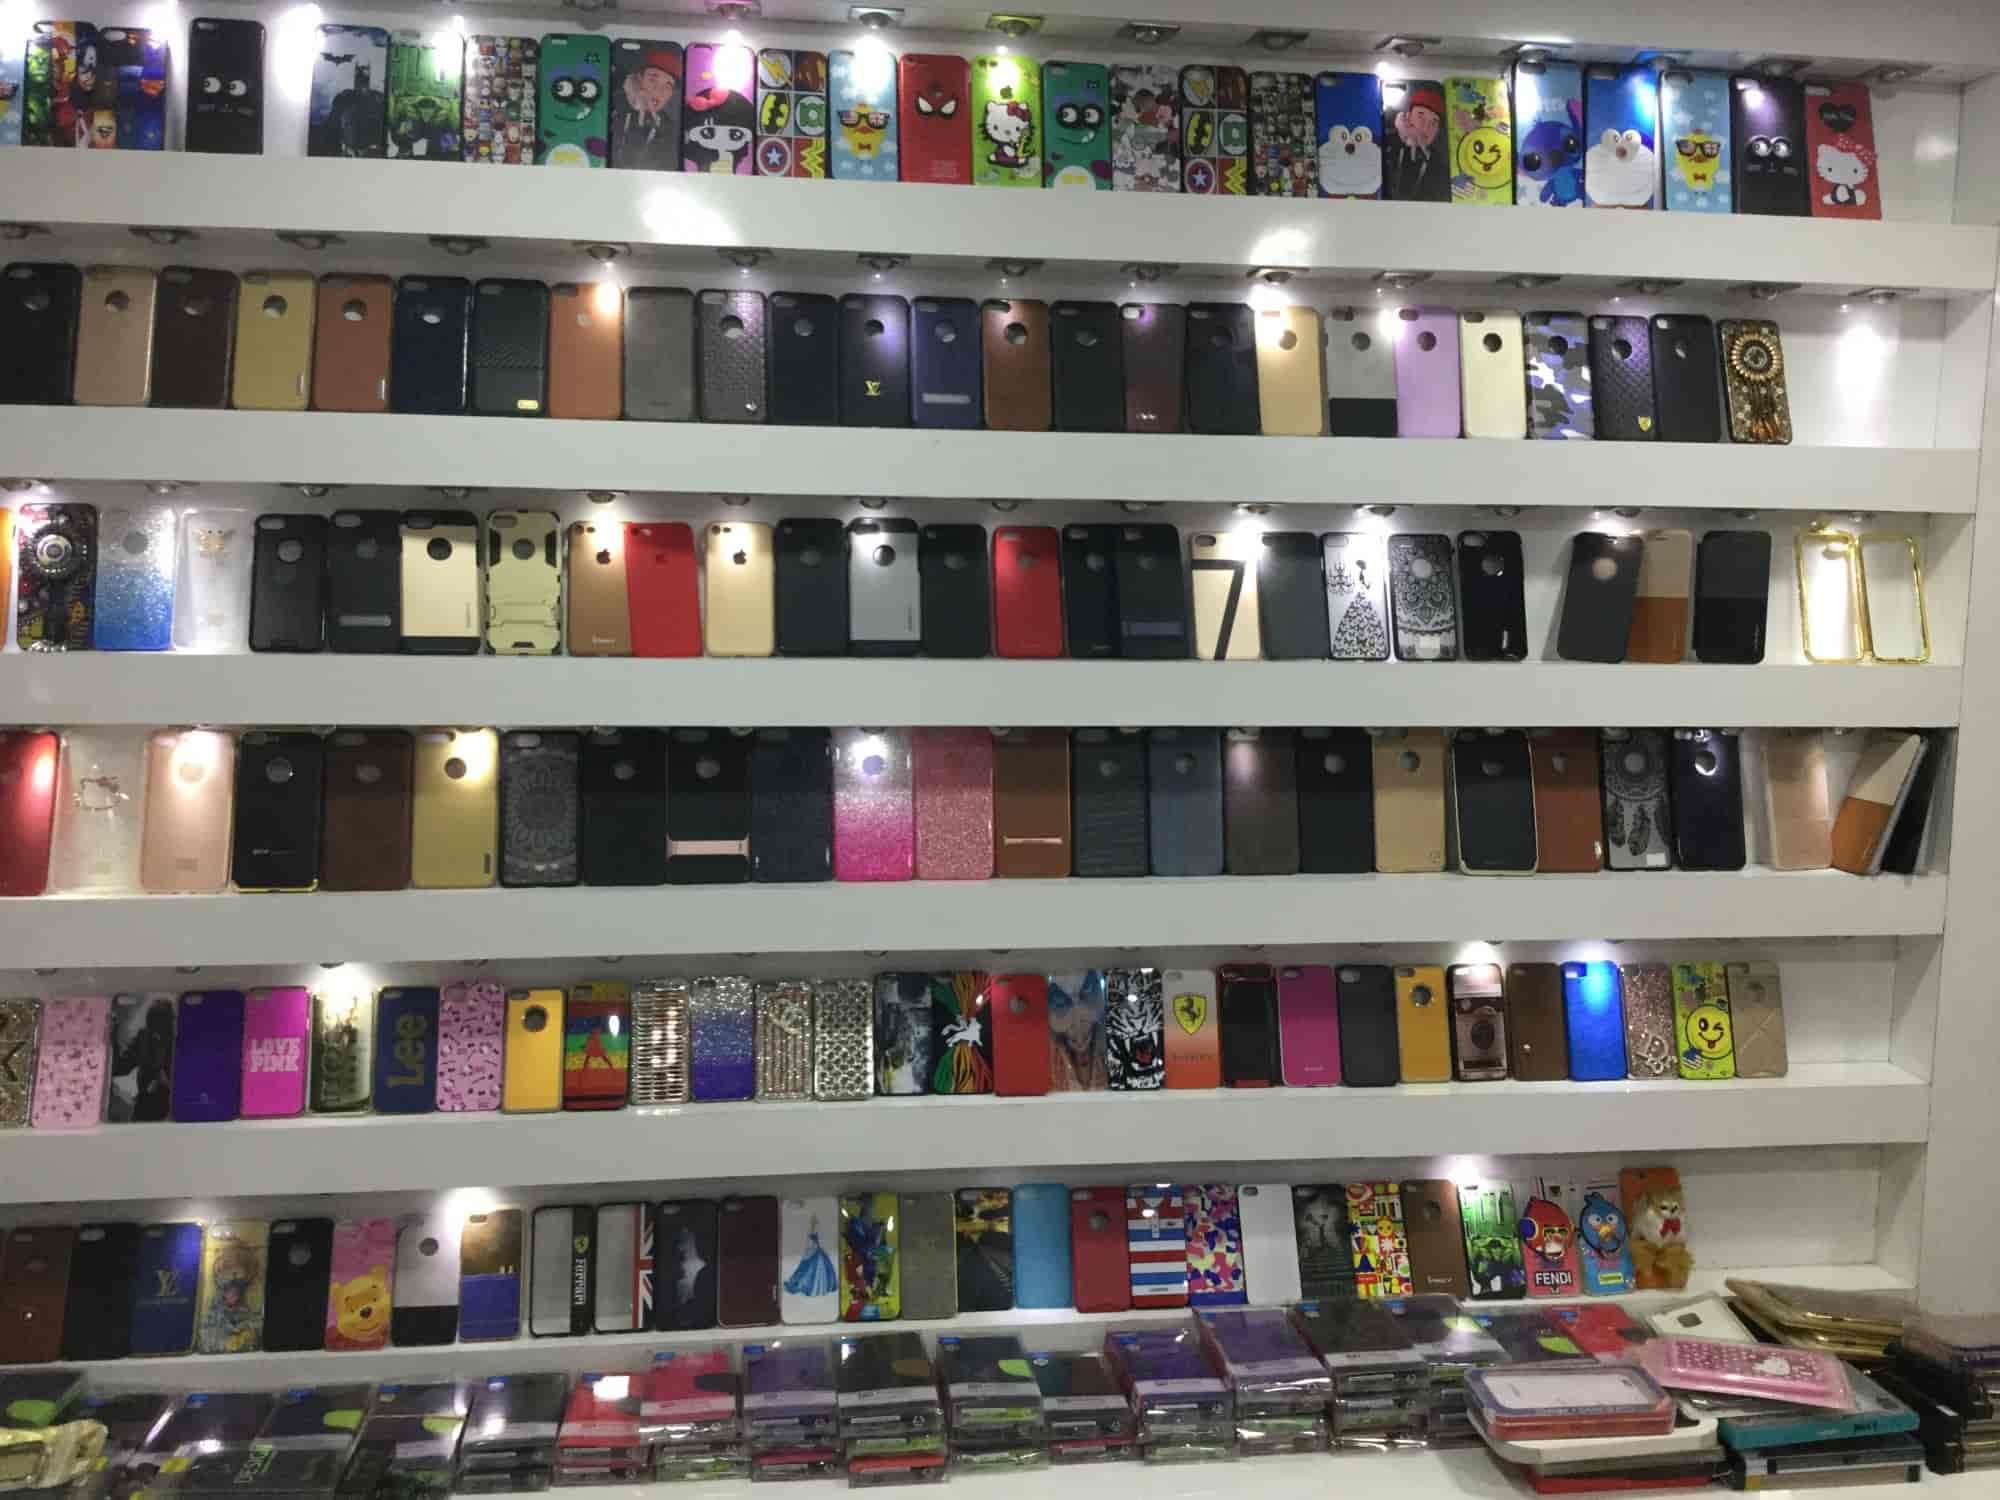 shree repair service mobile phone dealers in delhi justdial